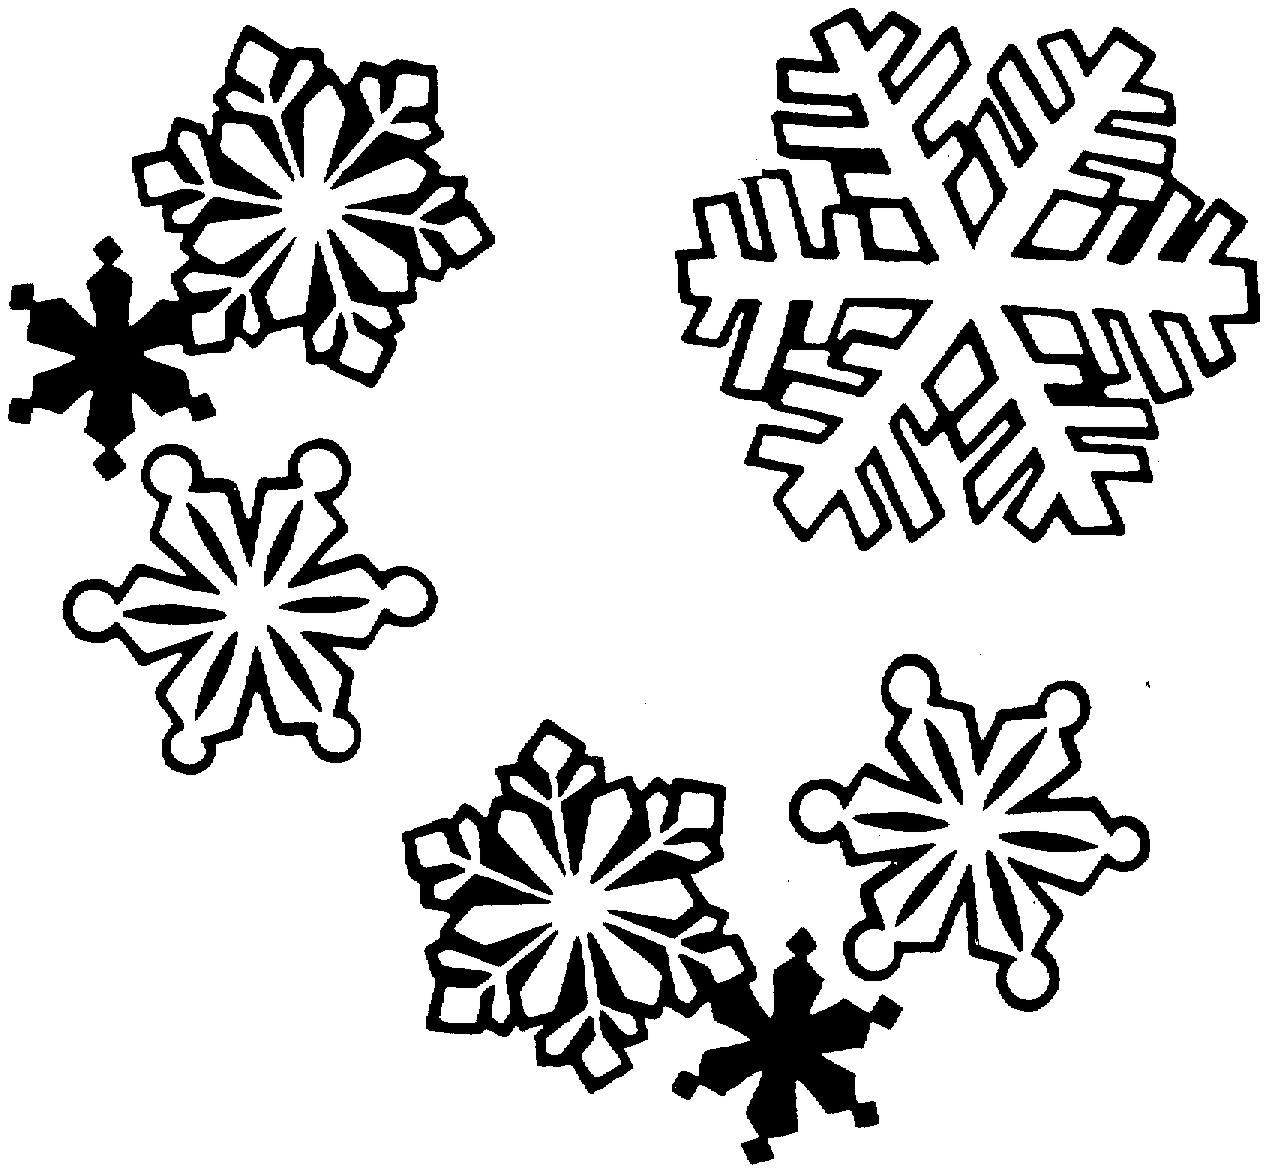 1267x1172 Bampw Clipart Snowflake